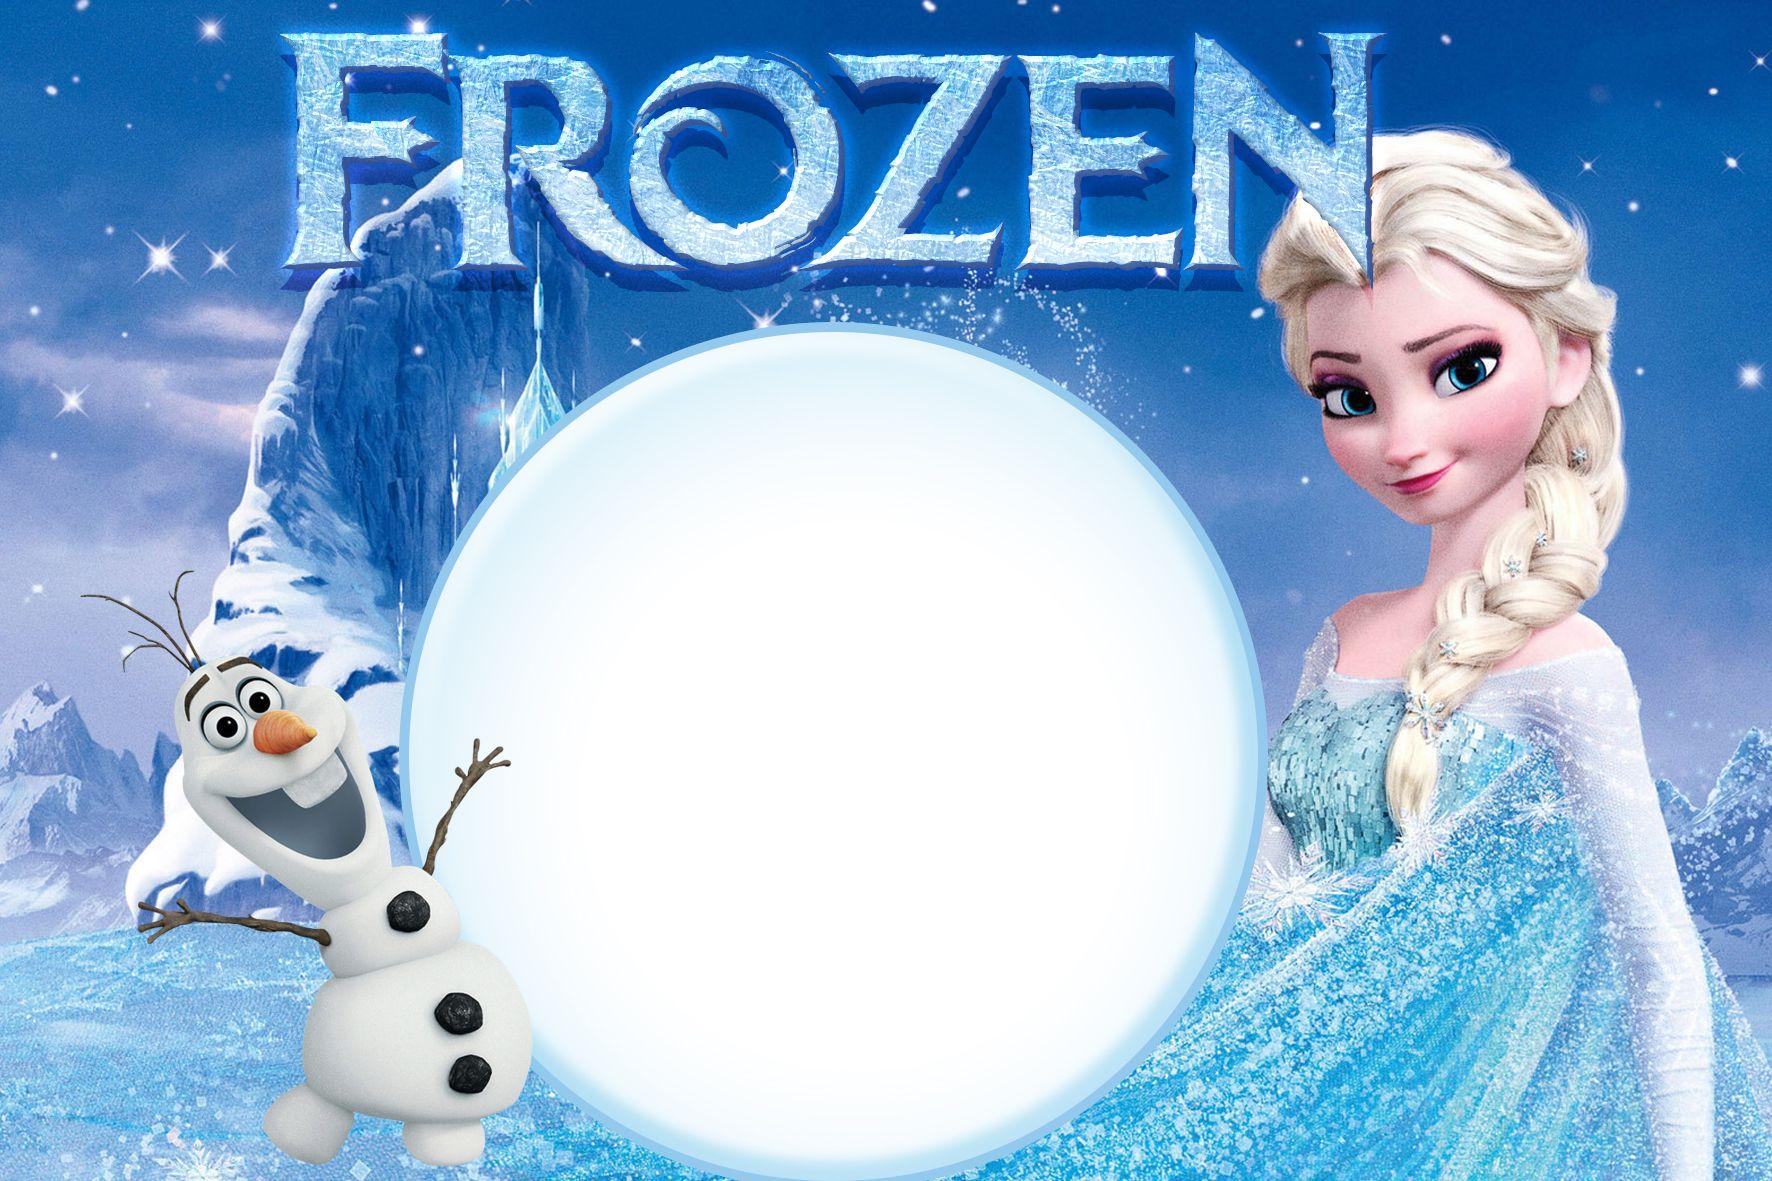 Convite De Aniversario Frozen No Photoshop Para Baixar E Imprimir